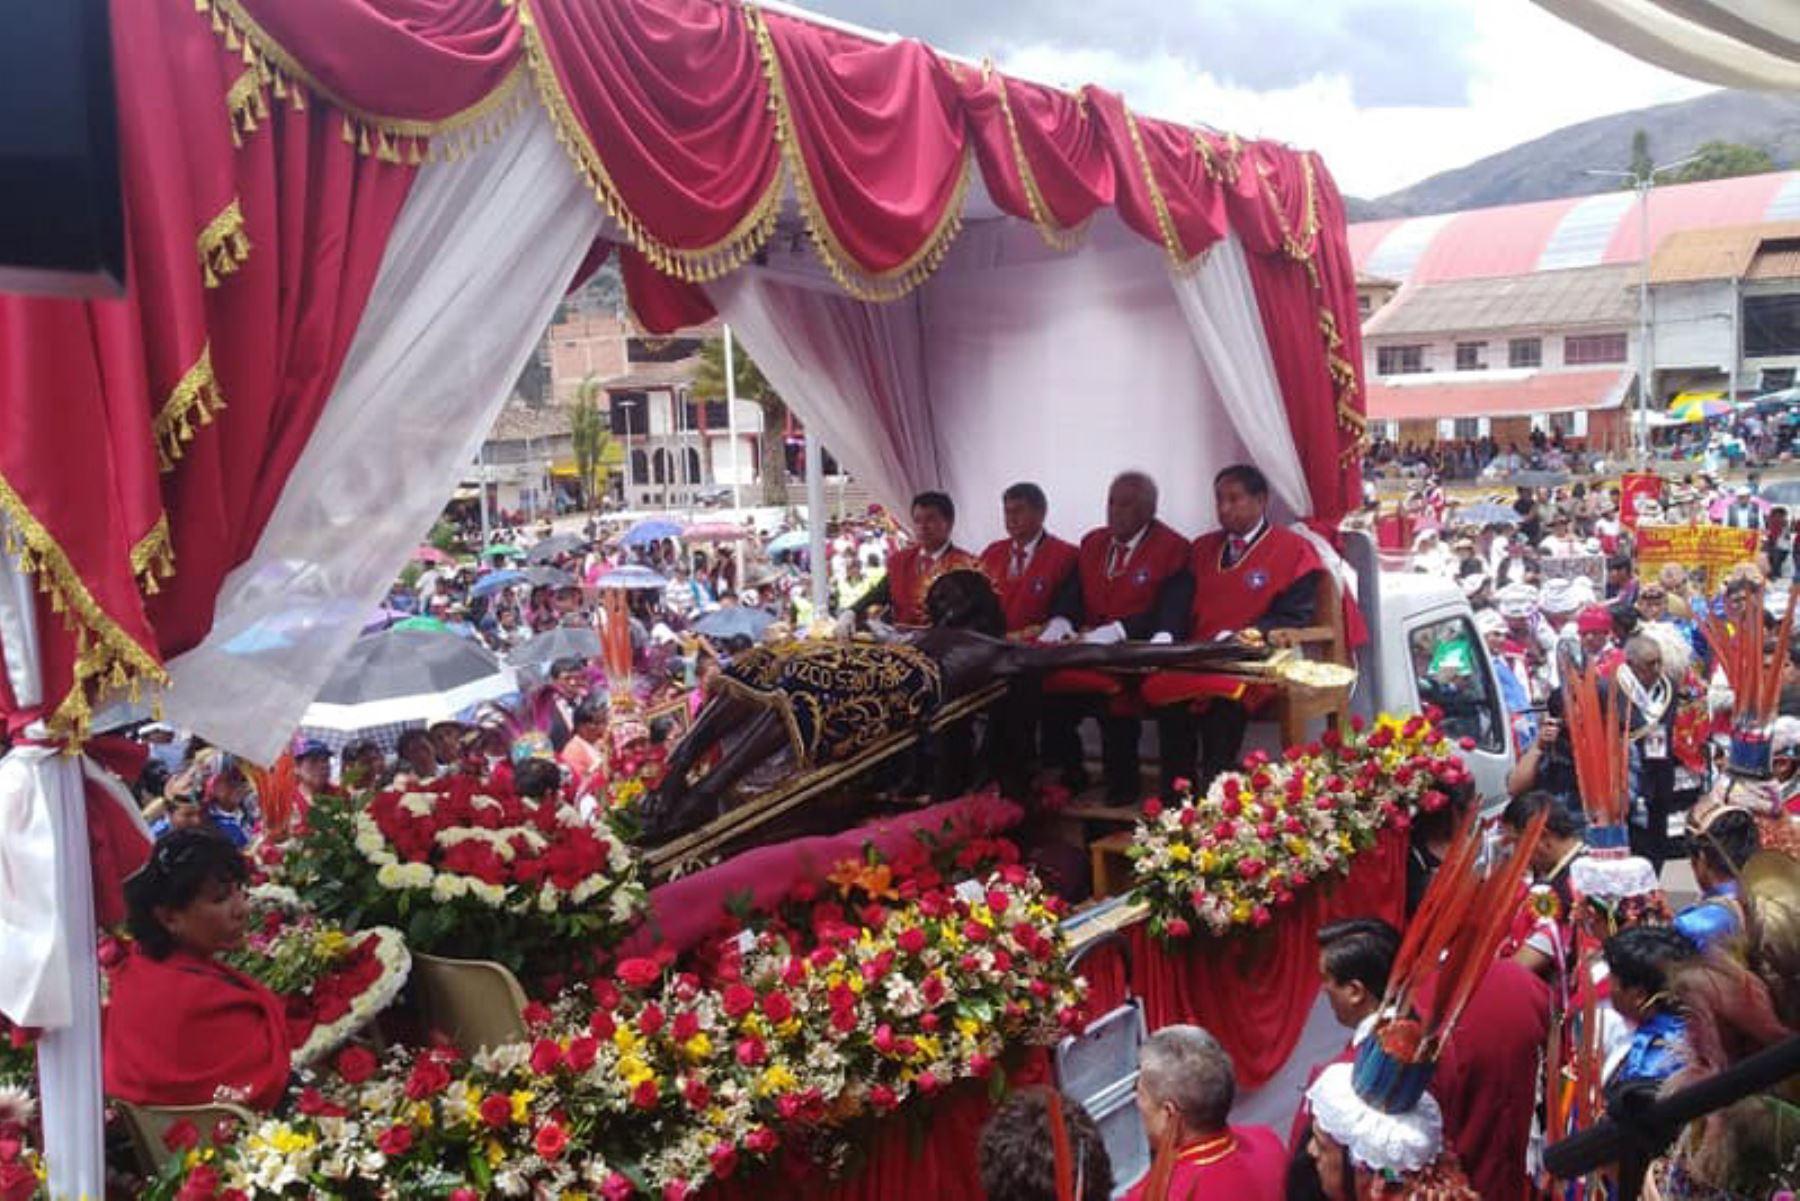 El Señor de los Temblores inició histórico recorrido, que lo llevará a la ciudad del Cusco, luego de la restauración al que fue sometido.